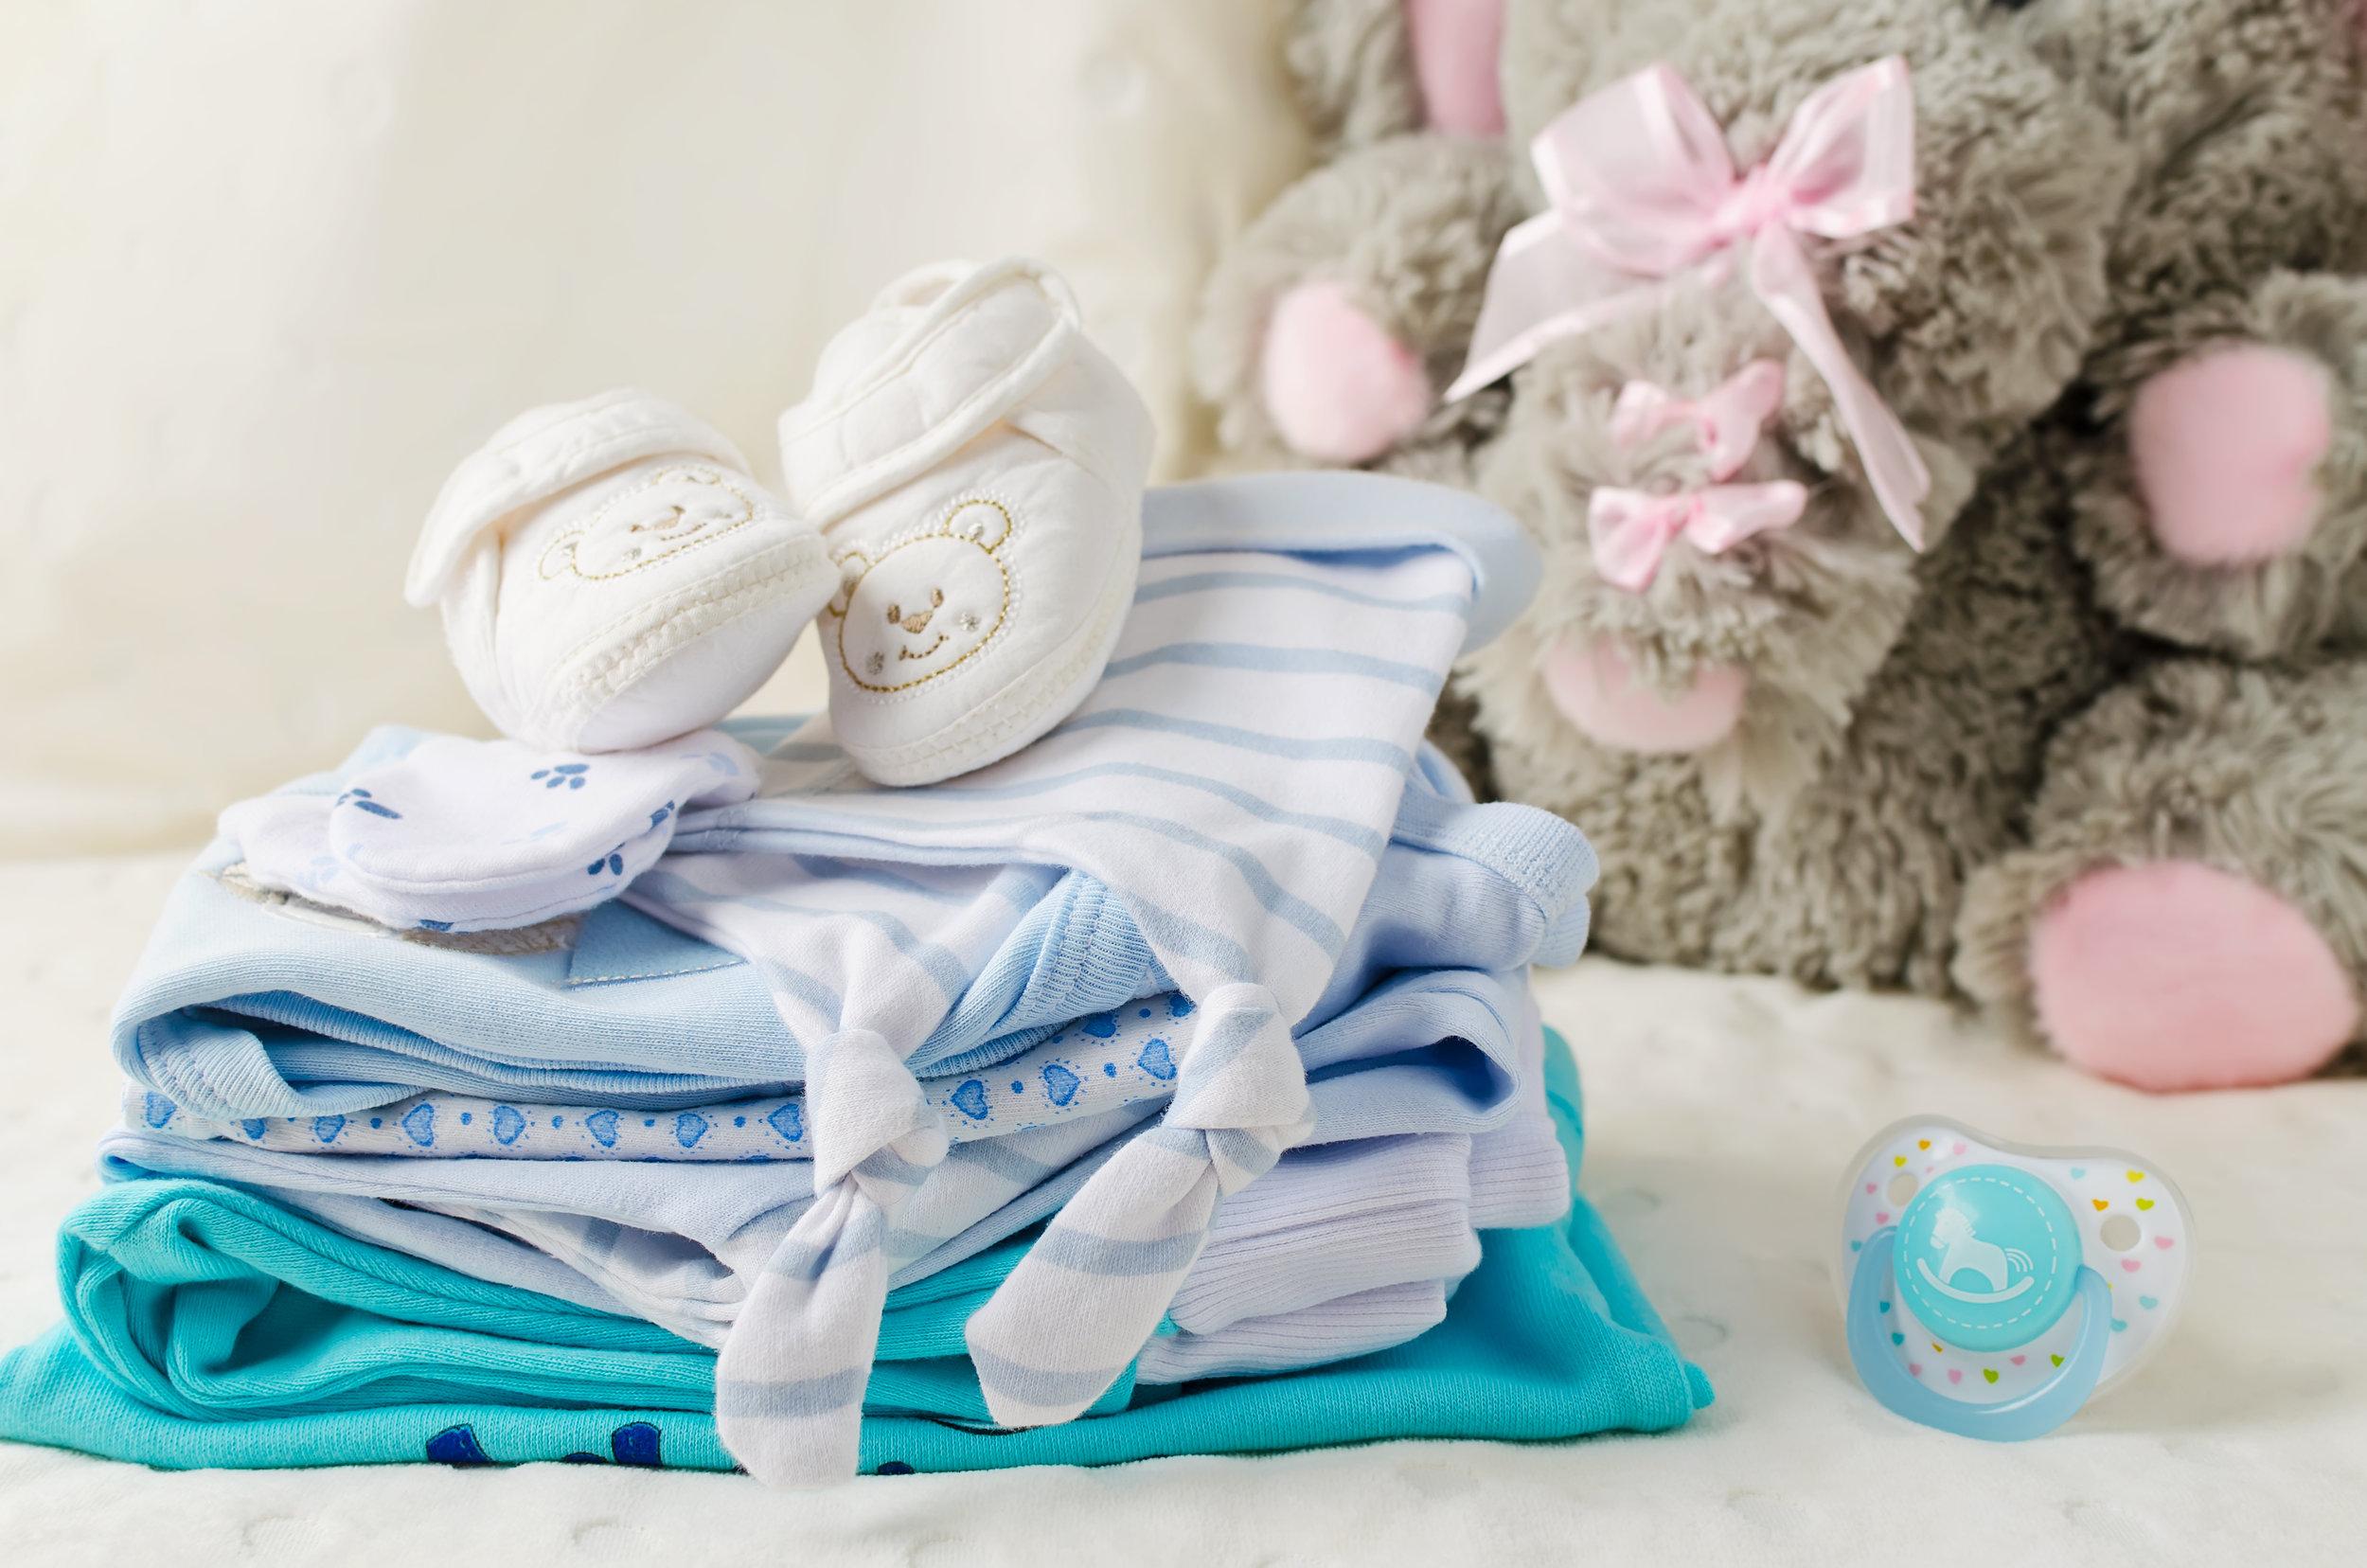 Diaper bag checkist -